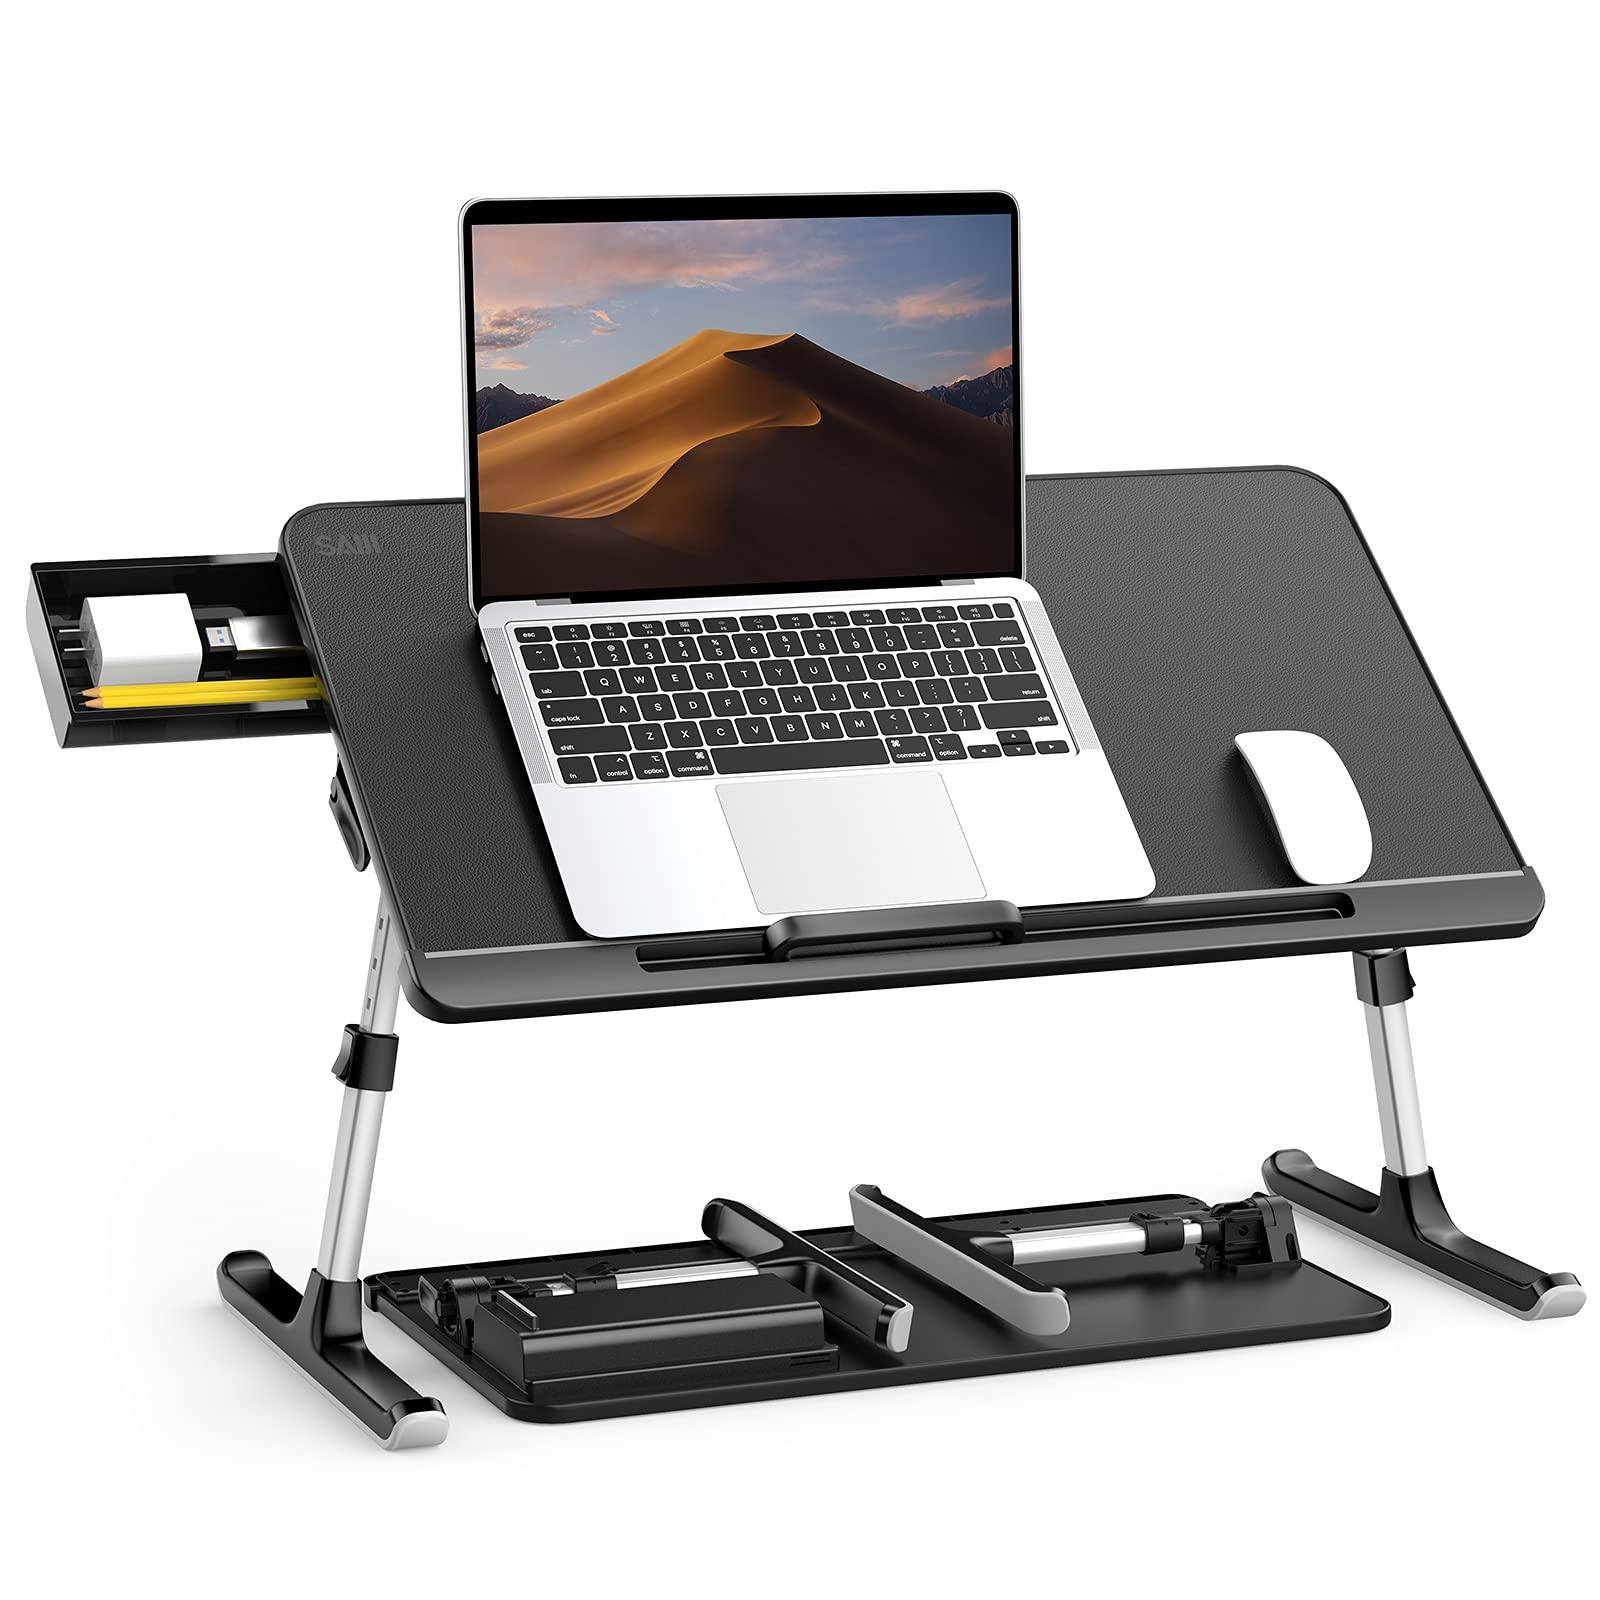 Mesa Plegable y Ajustable para Notebook - SAIJI - 86WBDX6Y